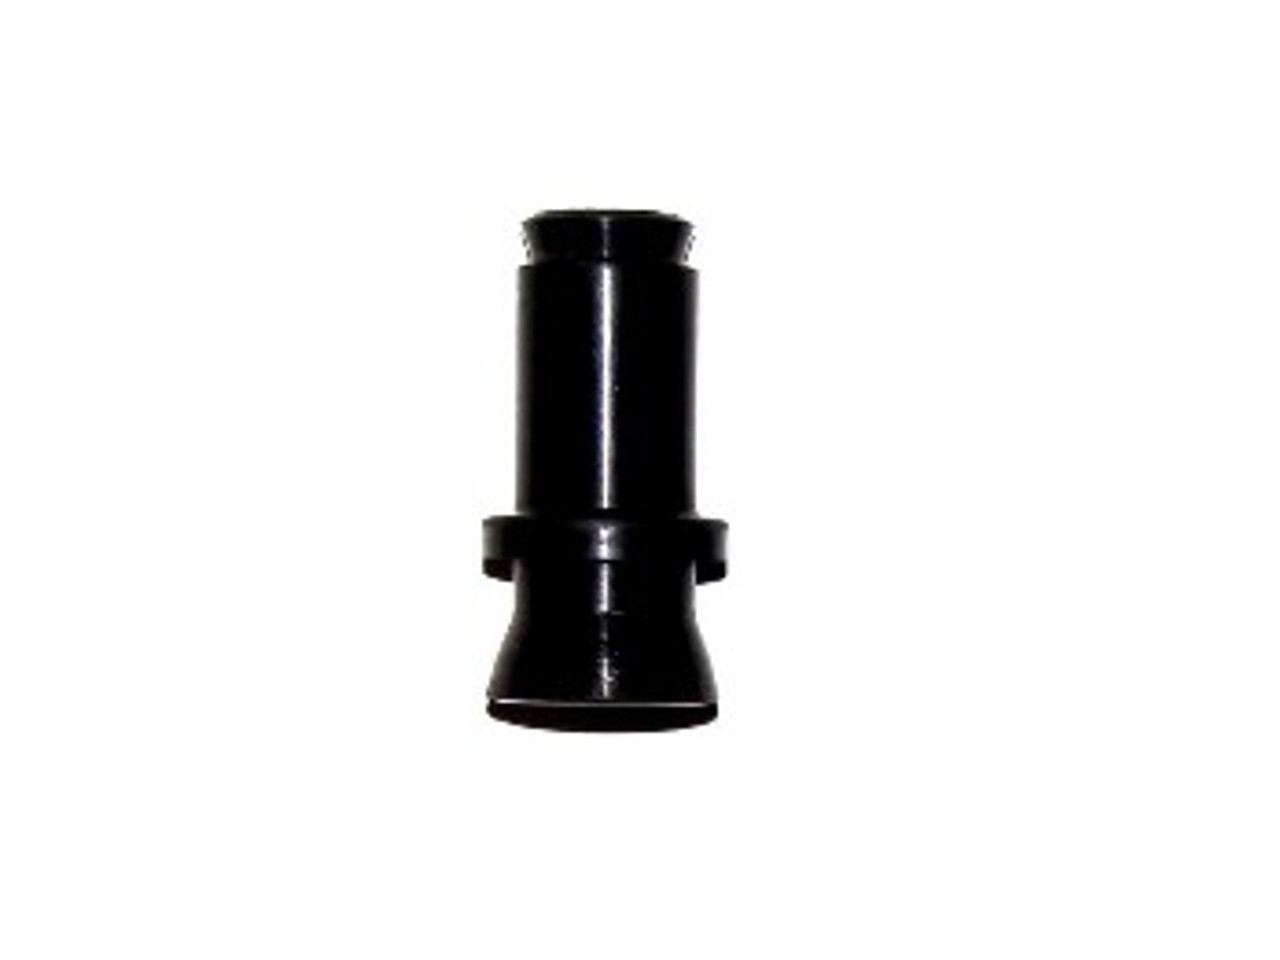 Yamaha RD Shifter Shaft Boot, 278-18131-00-00